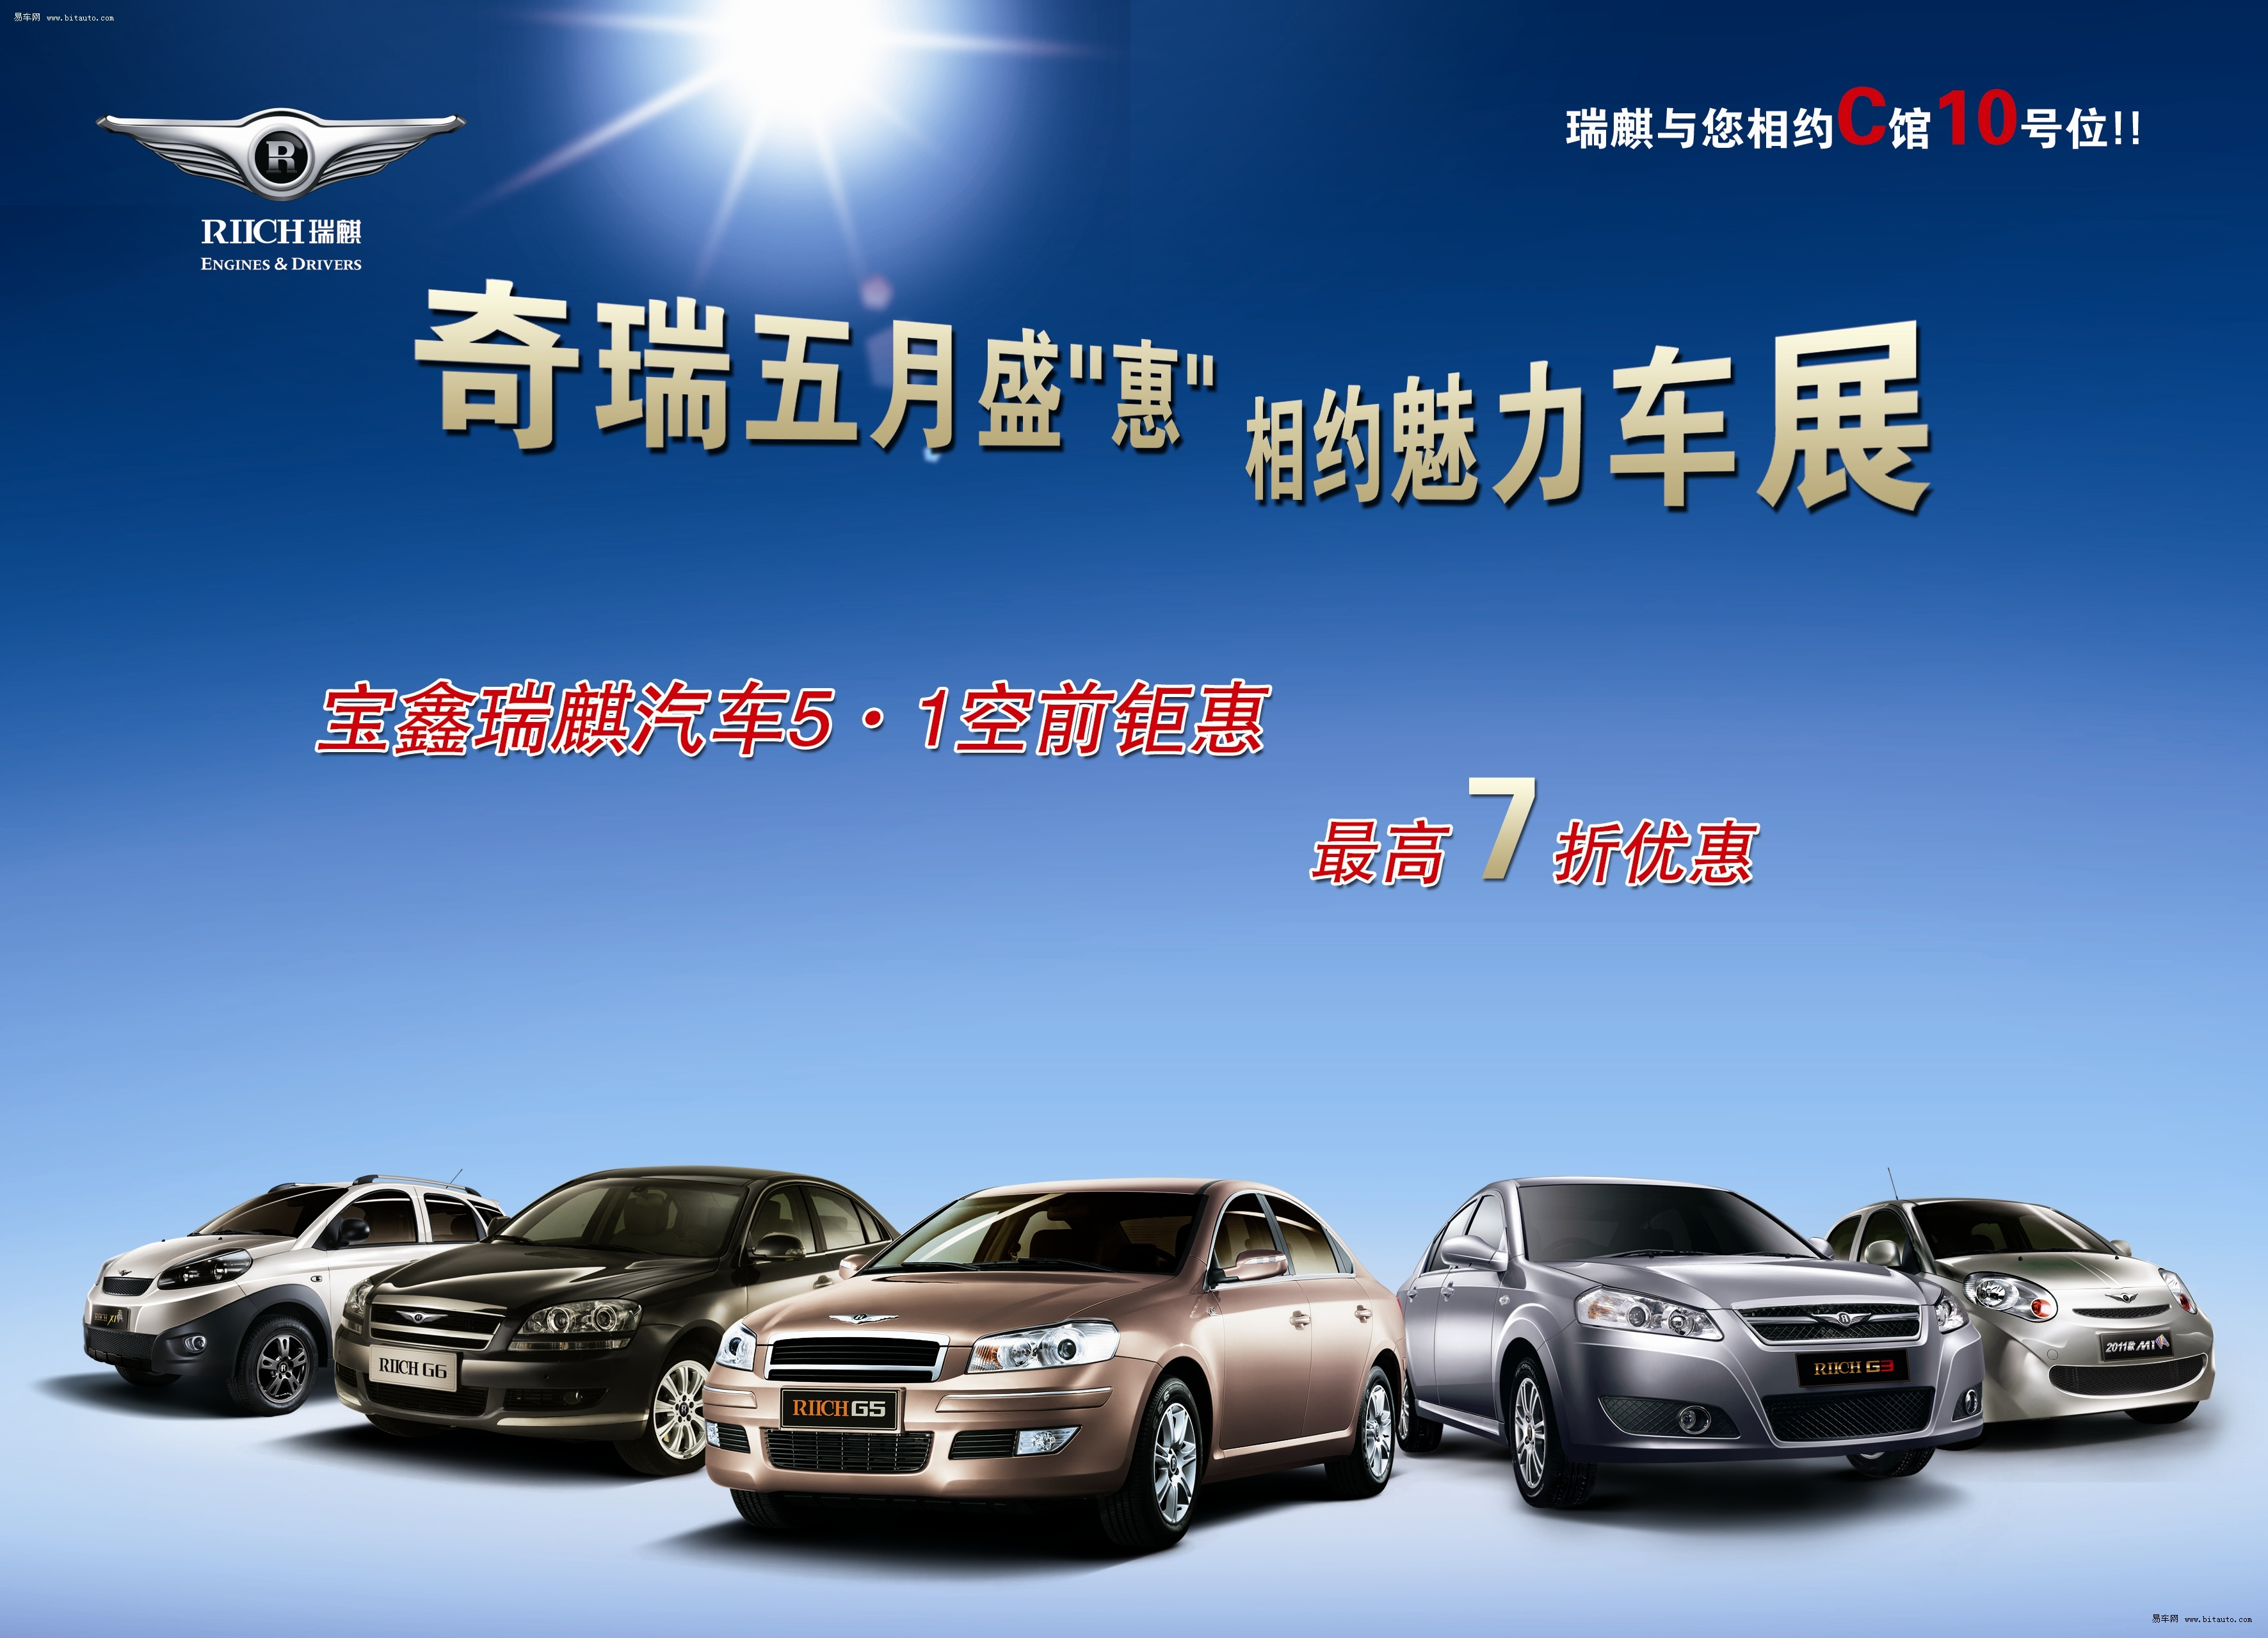 奇瑞瑞麒汽车将携旗下全系车型 高清图片